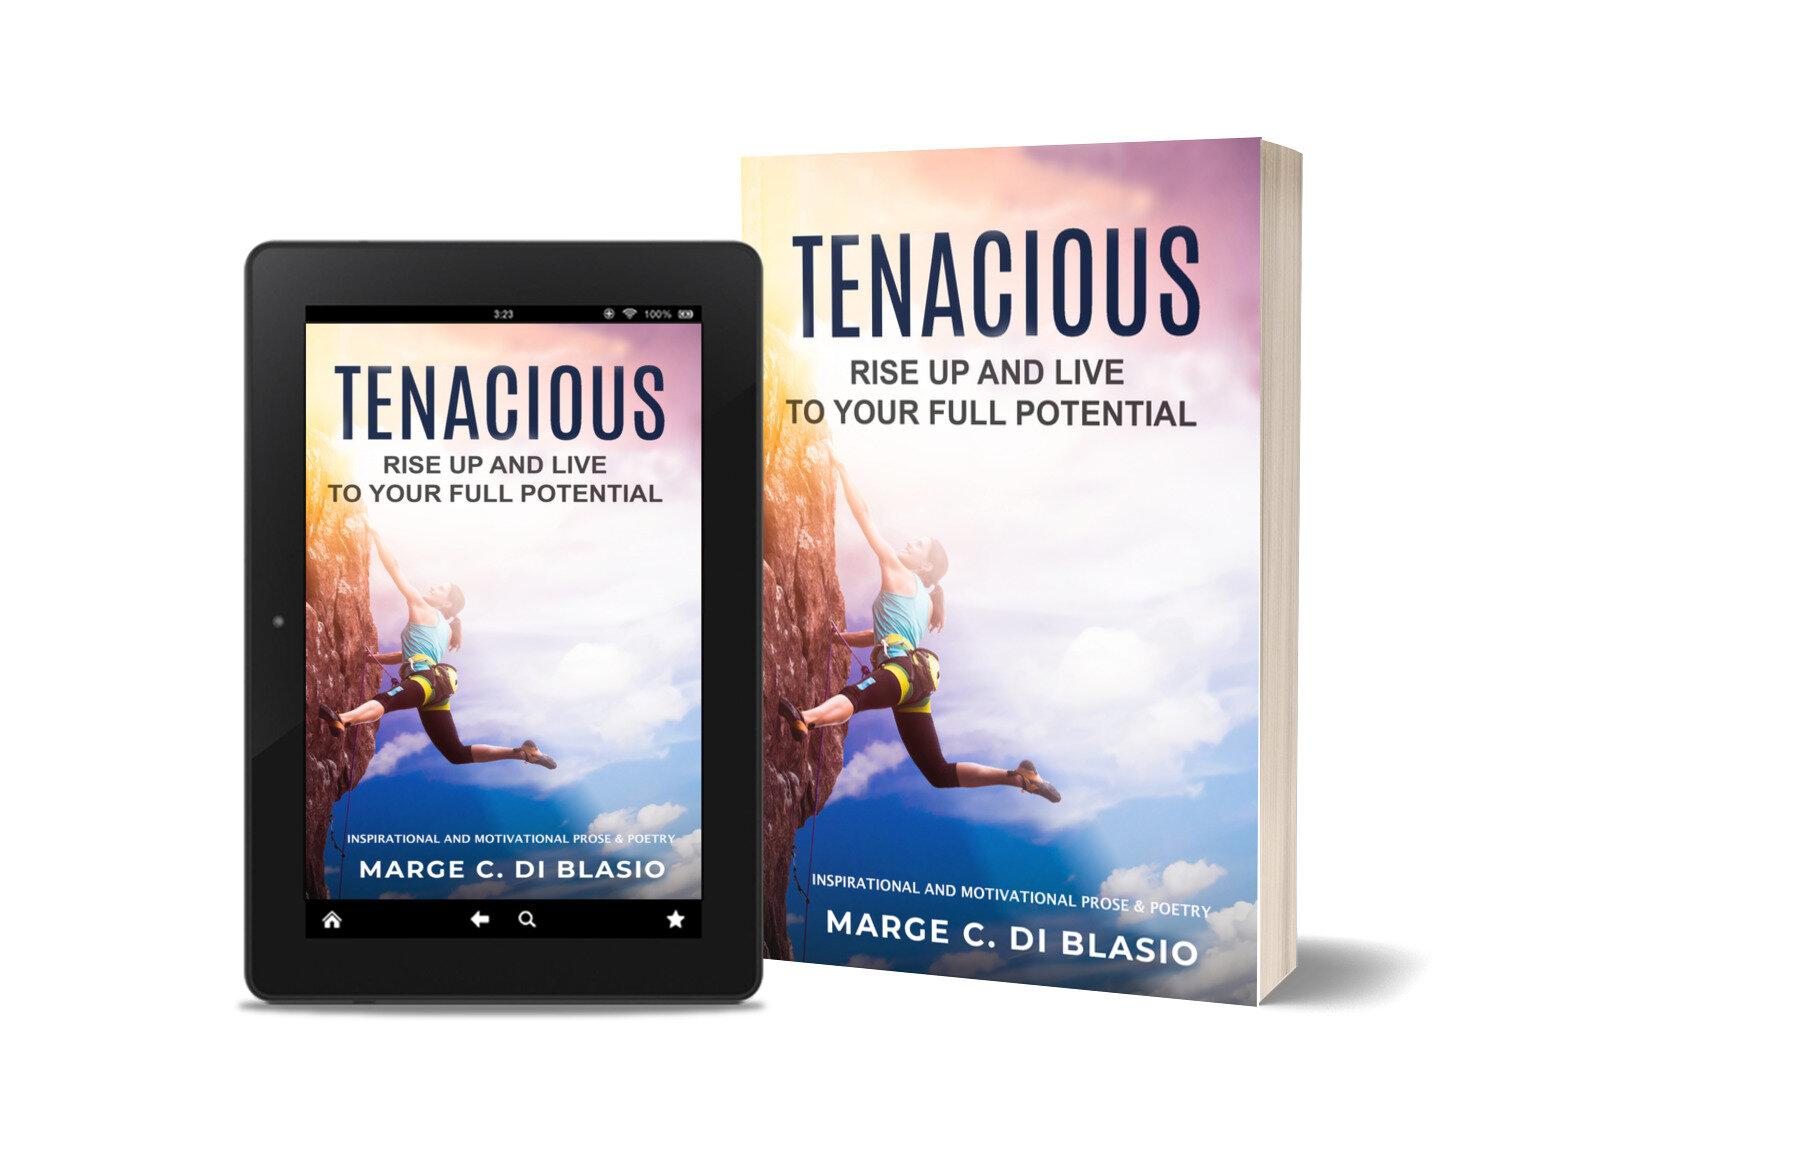 tenacious_mockup.jpg